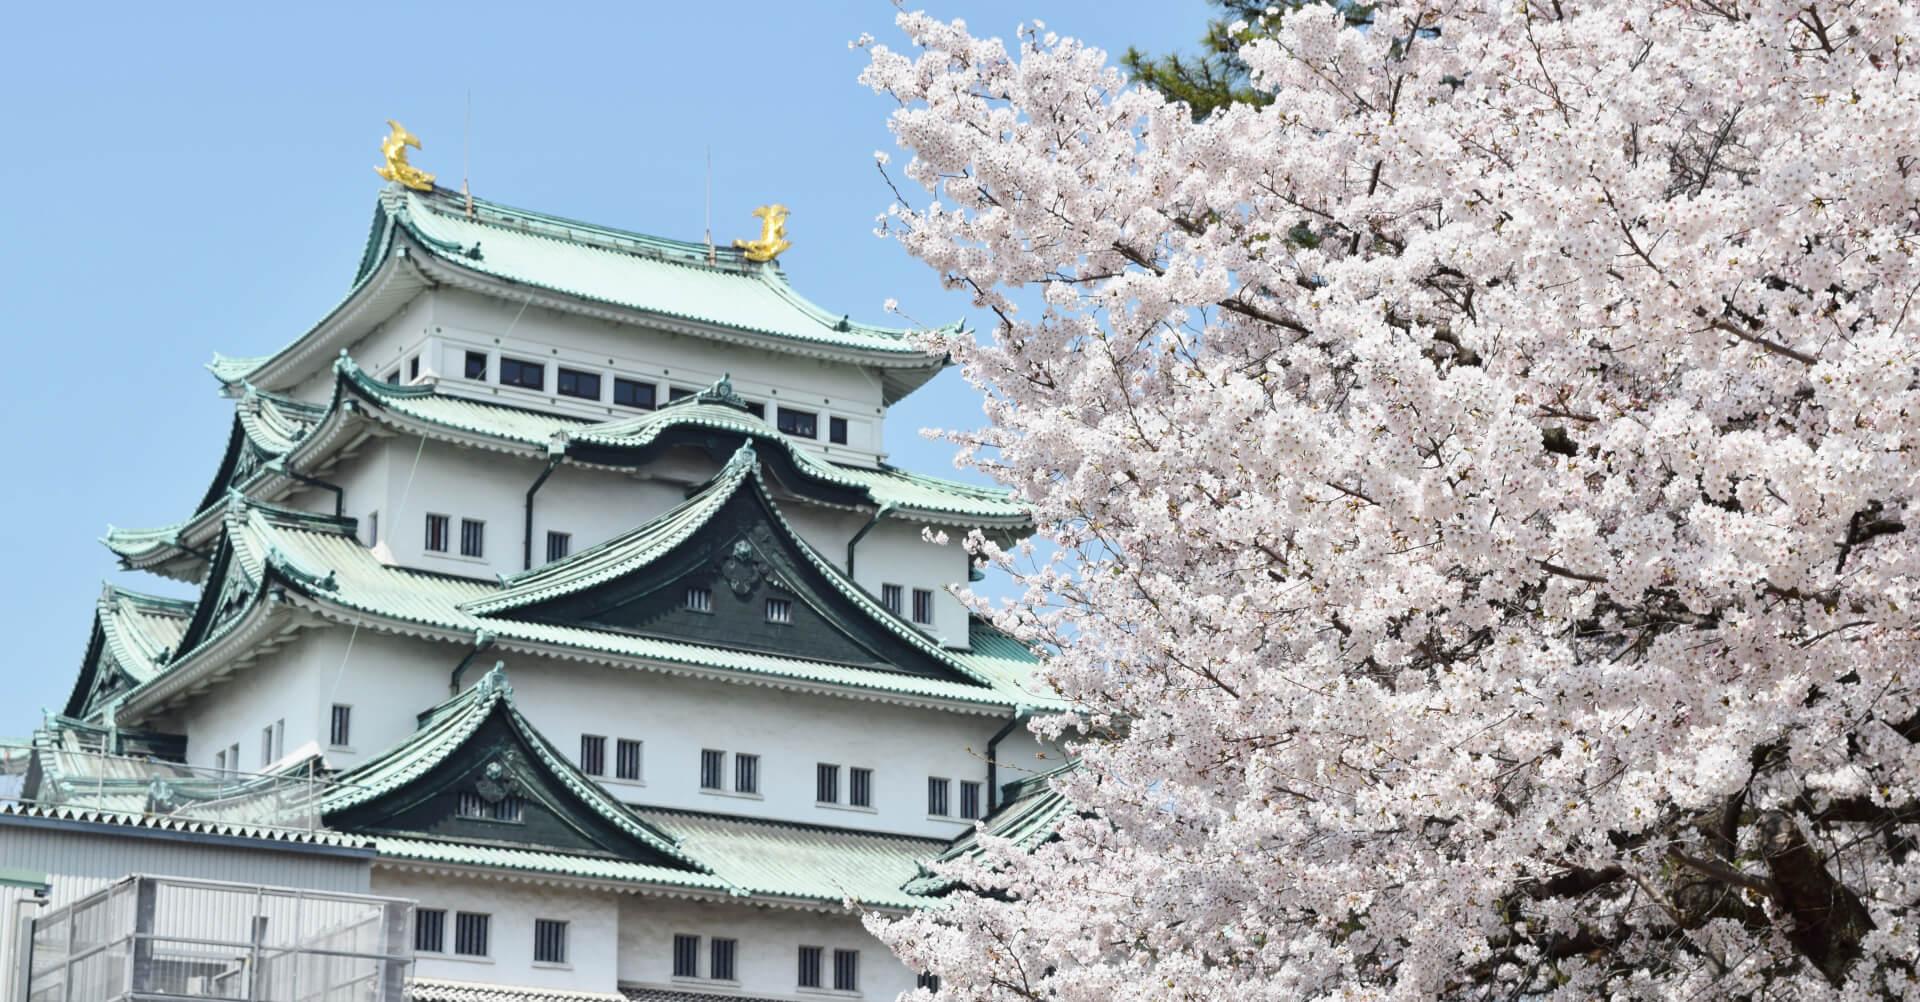 愛知県のゲストハウスまとめ!一度は行きたいおすすめの宿!